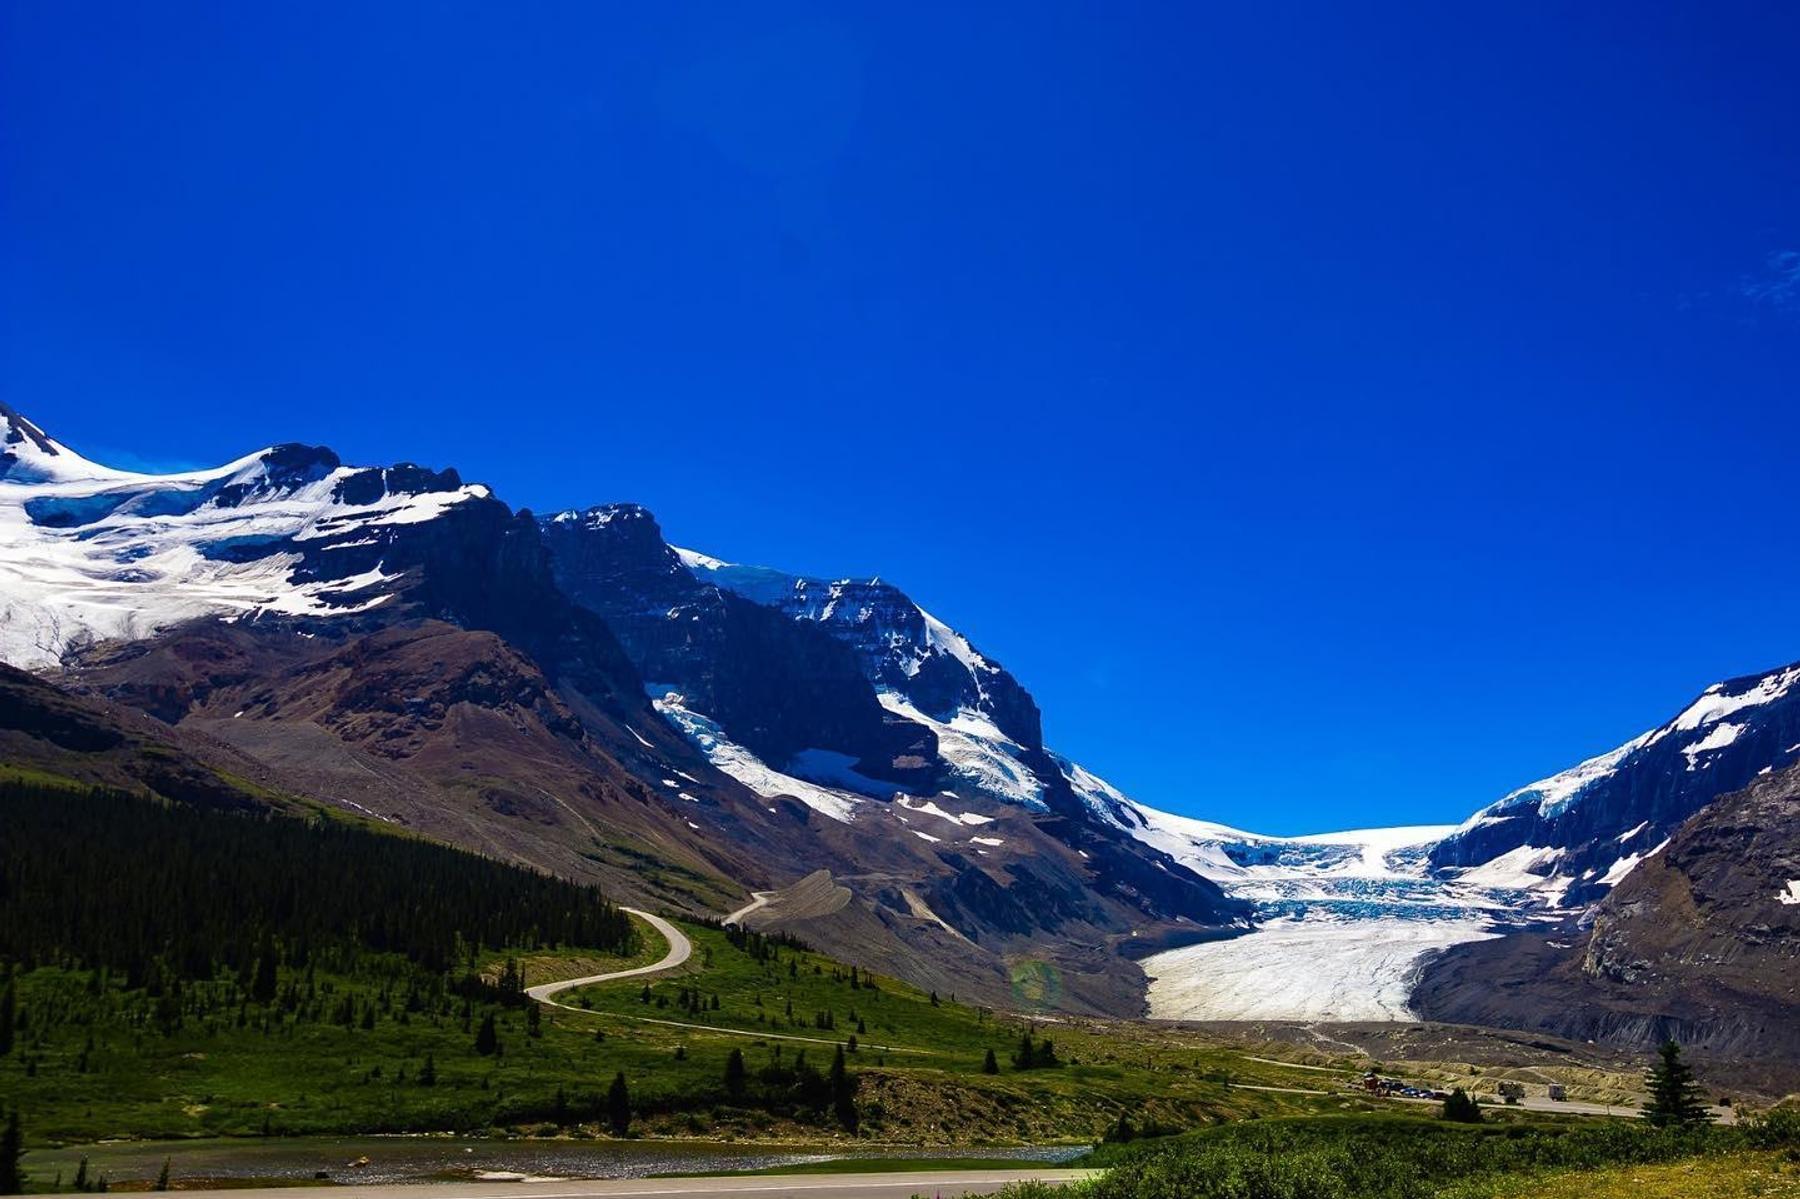 加拿大擁有得天獨厚的自然絕景